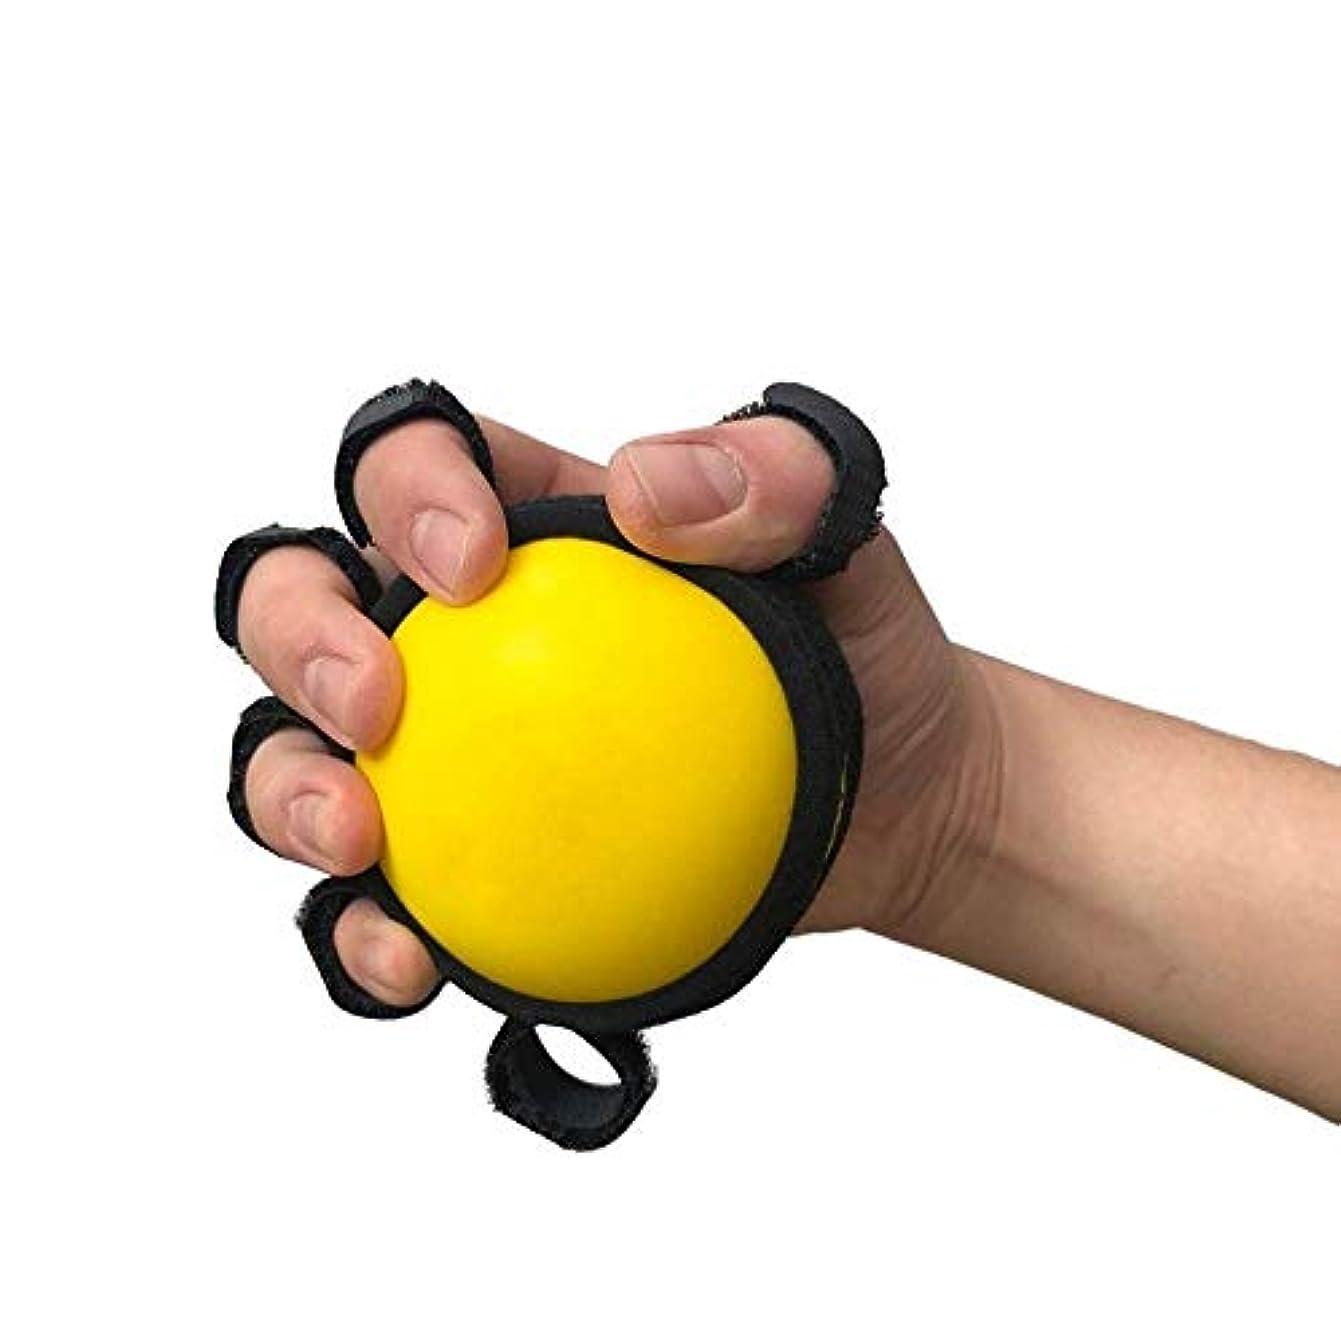 瞑想するメーター療法ハンドセラピー運動ボール、脳卒中、片麻痺を軽減するための5本指分離ボールリハビリテーショントレーニング